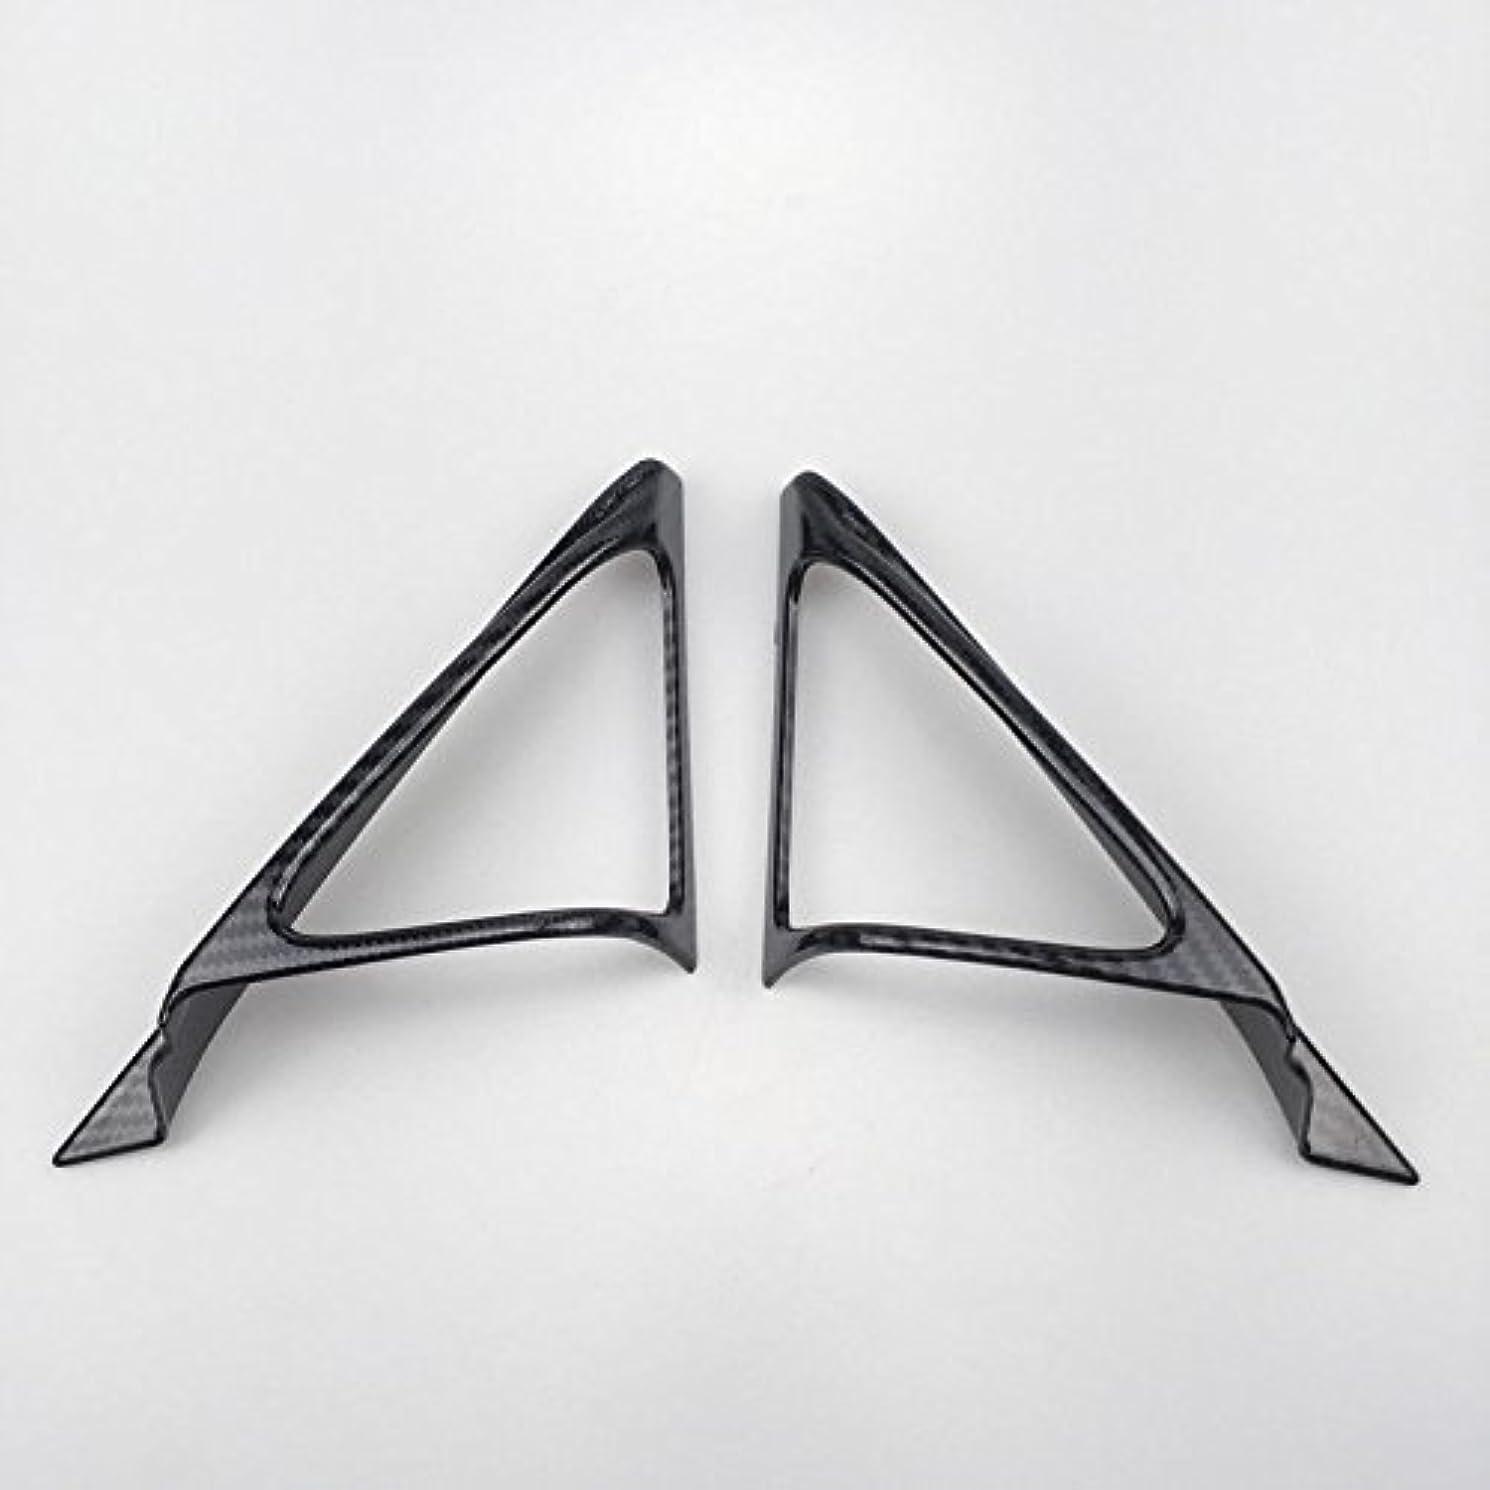 混雑目を覚ます四Jicorzo - 2pcs ABS Plastic A Pillar Triangle Cover Trim For Honda Accord Tenth generation 2018 Car Interior Accessories...